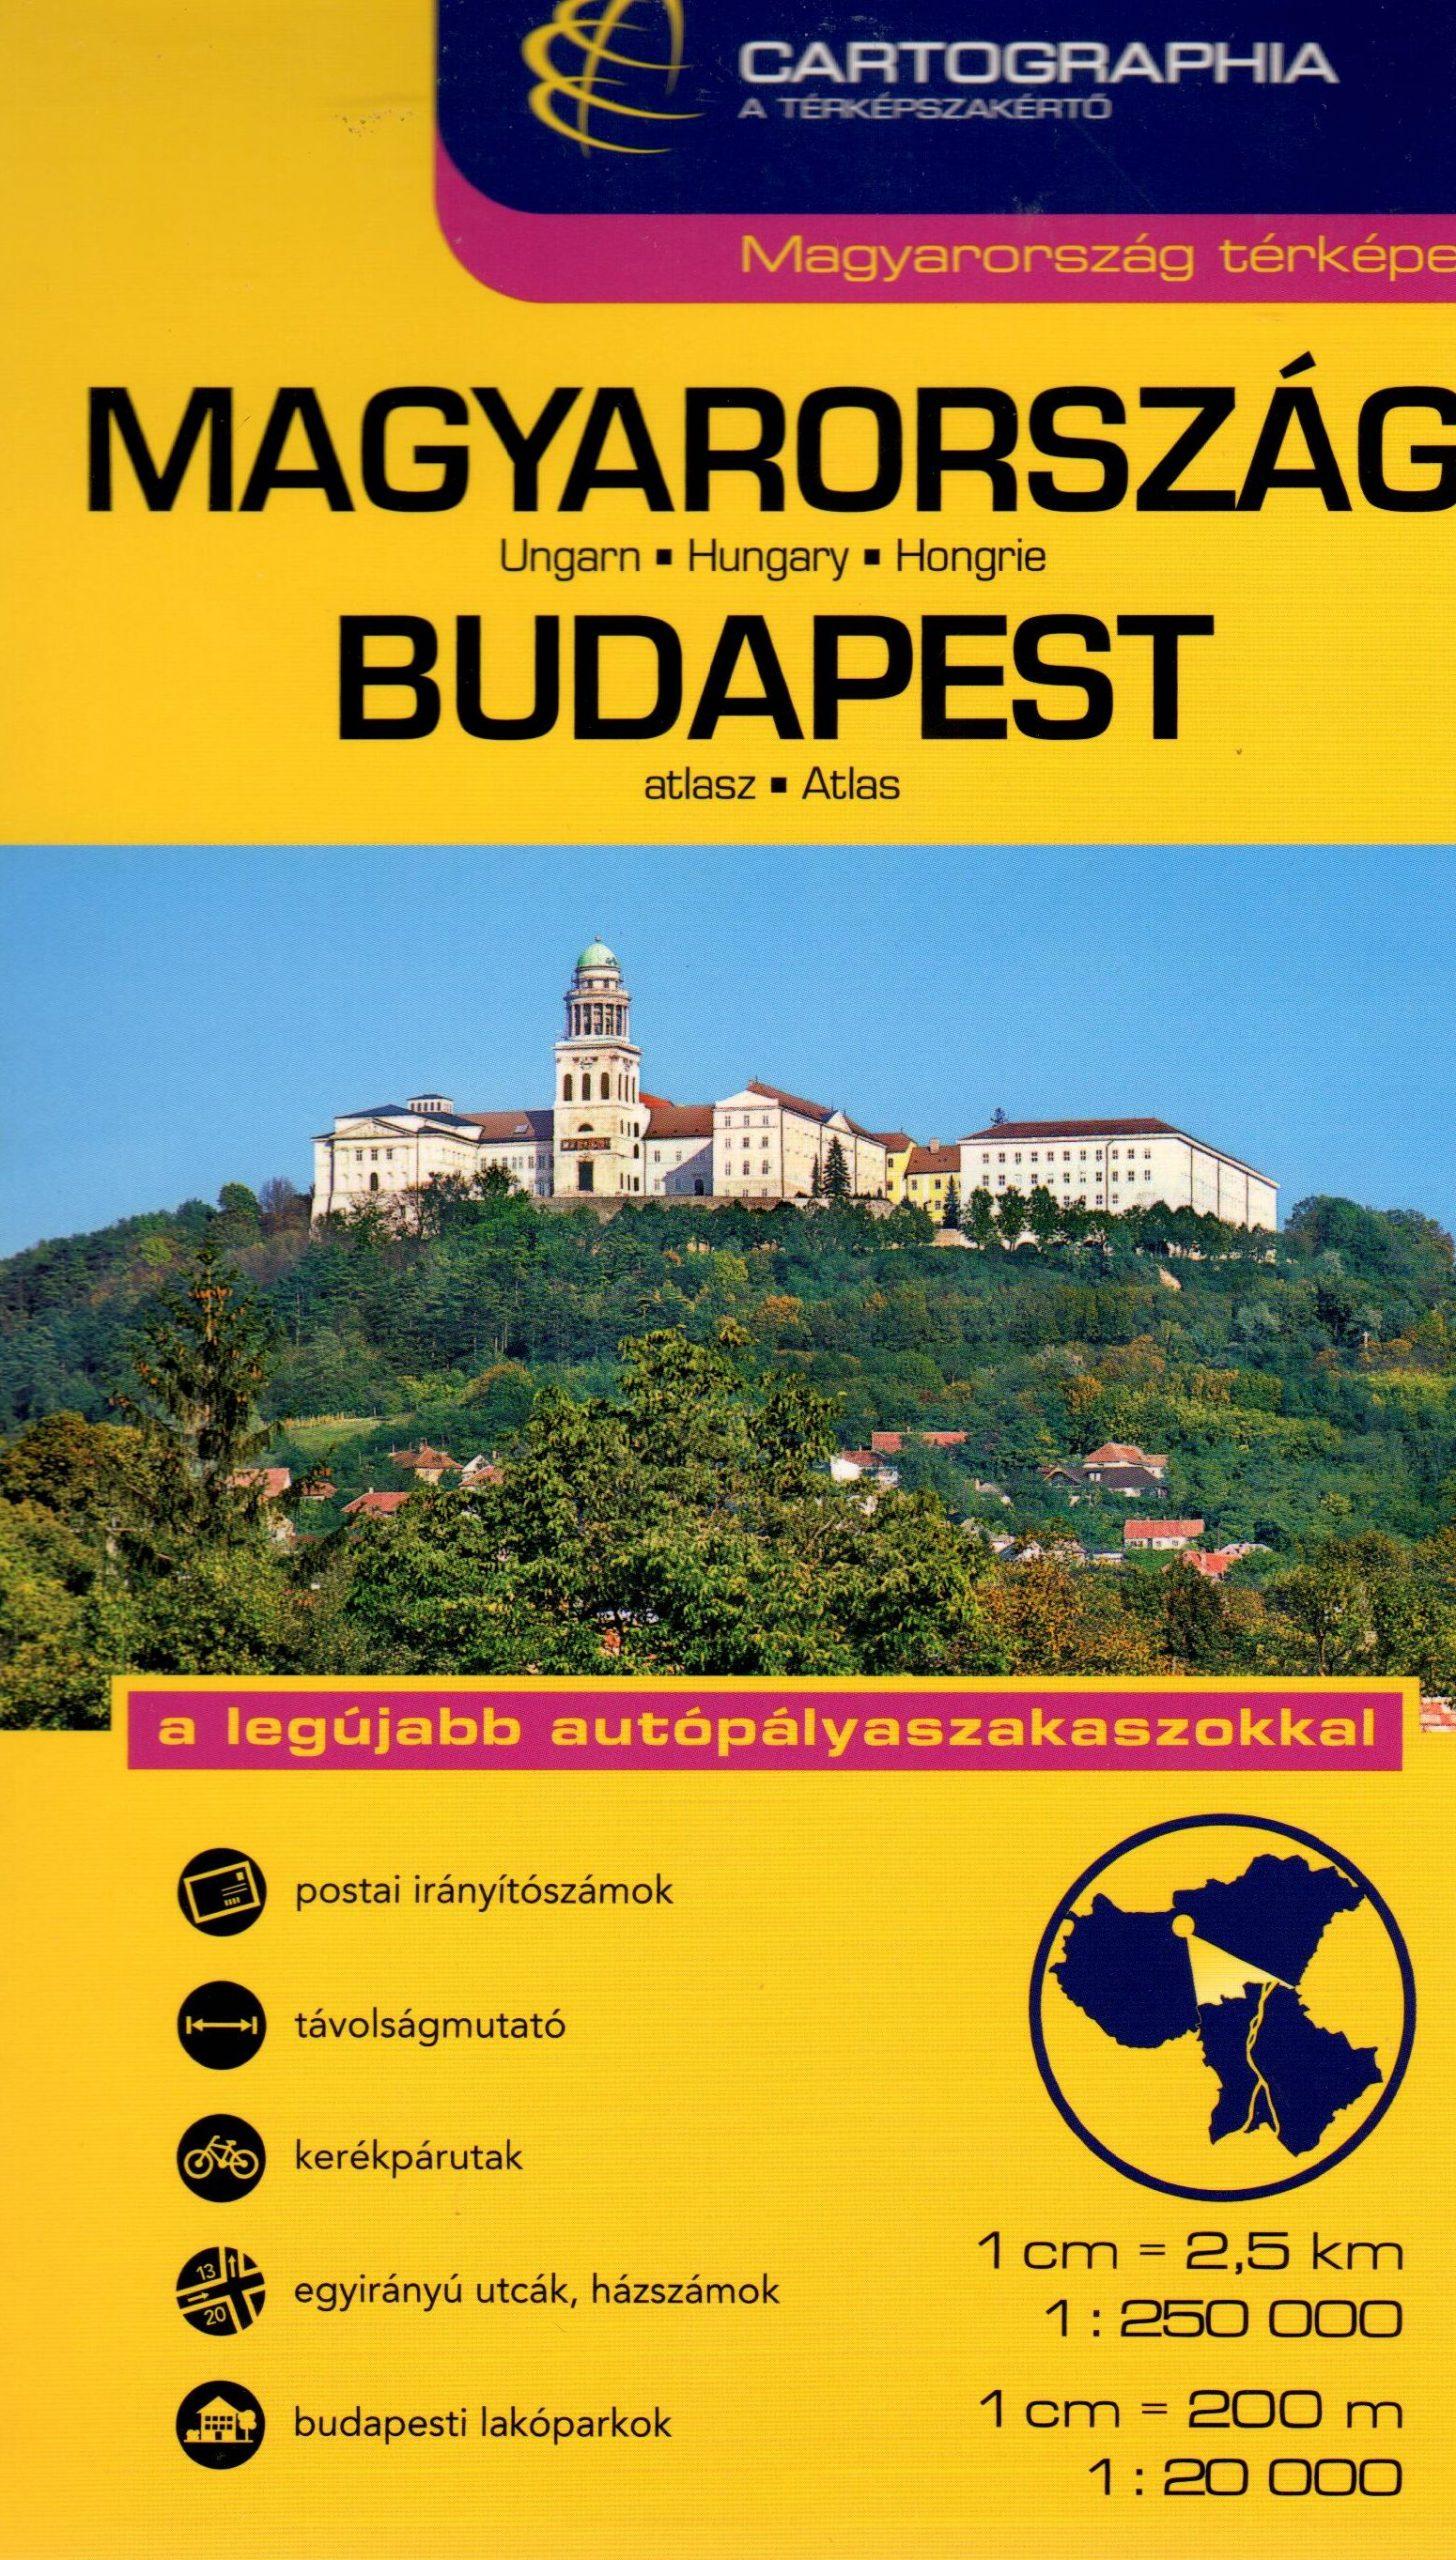 Két kiadvány egy kötetben: Magyarország autóatlasz 1.250.000 névmutatóval+ Budapest városatlasz 1:20.000 utcajegyzékkel.